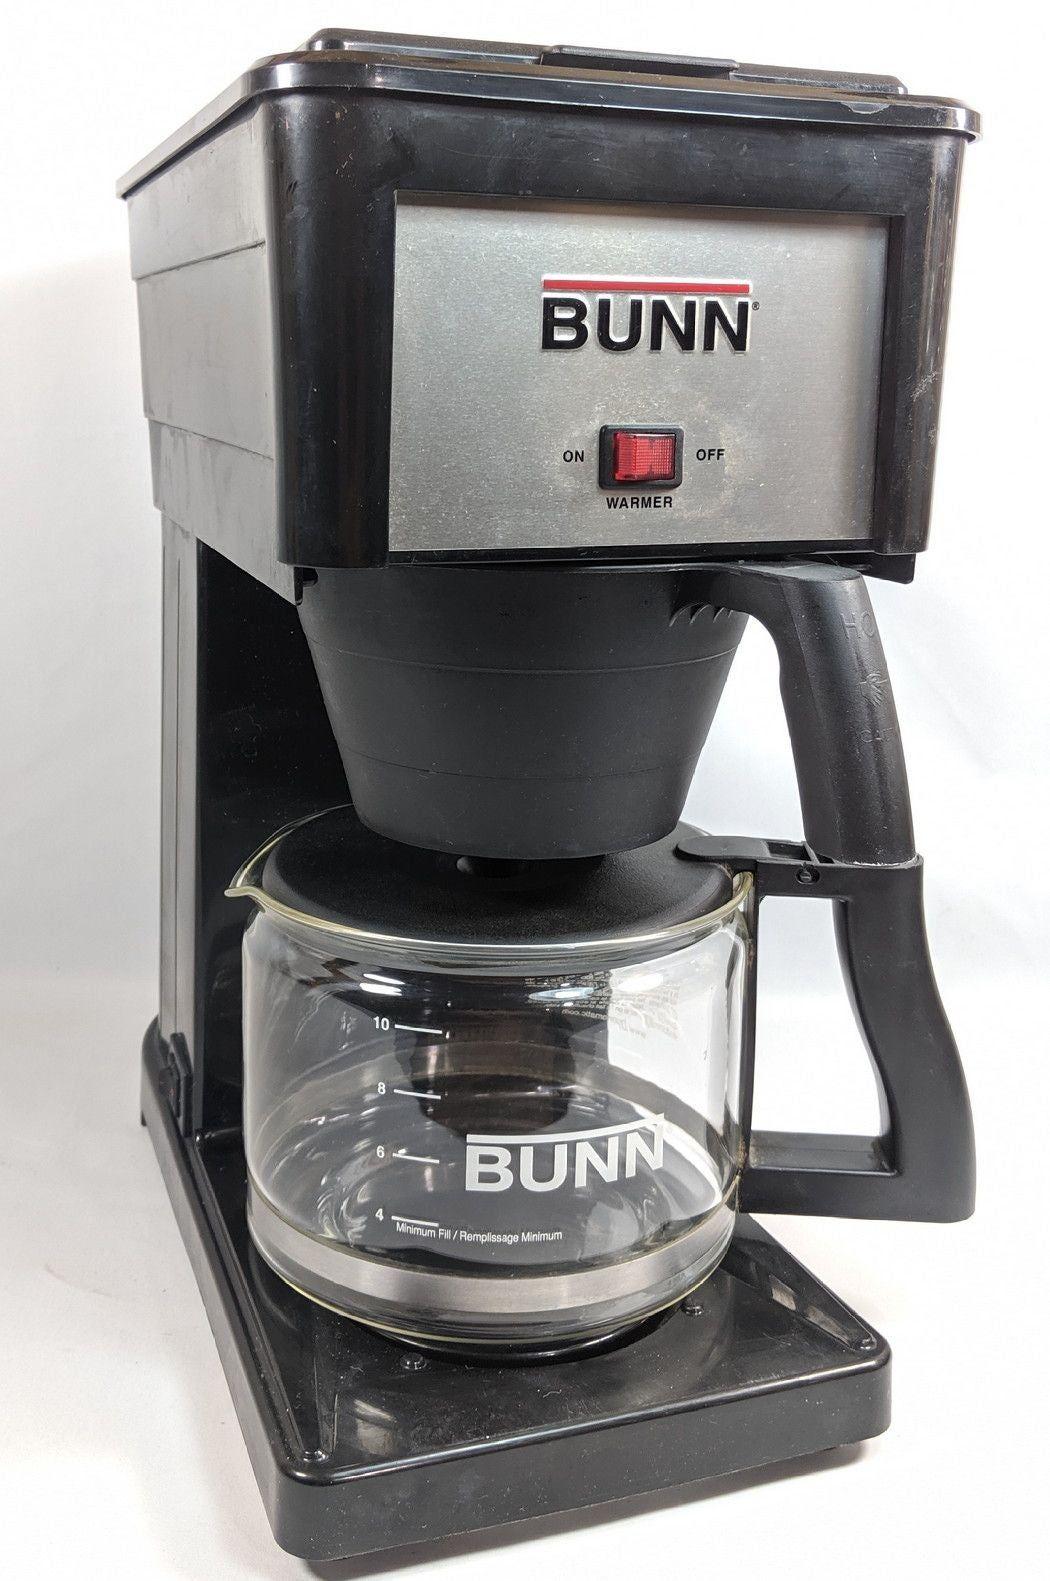 Bunn Coffee Maker Model Grx B Bunncoffeemaker Bunn Bunn Coffee